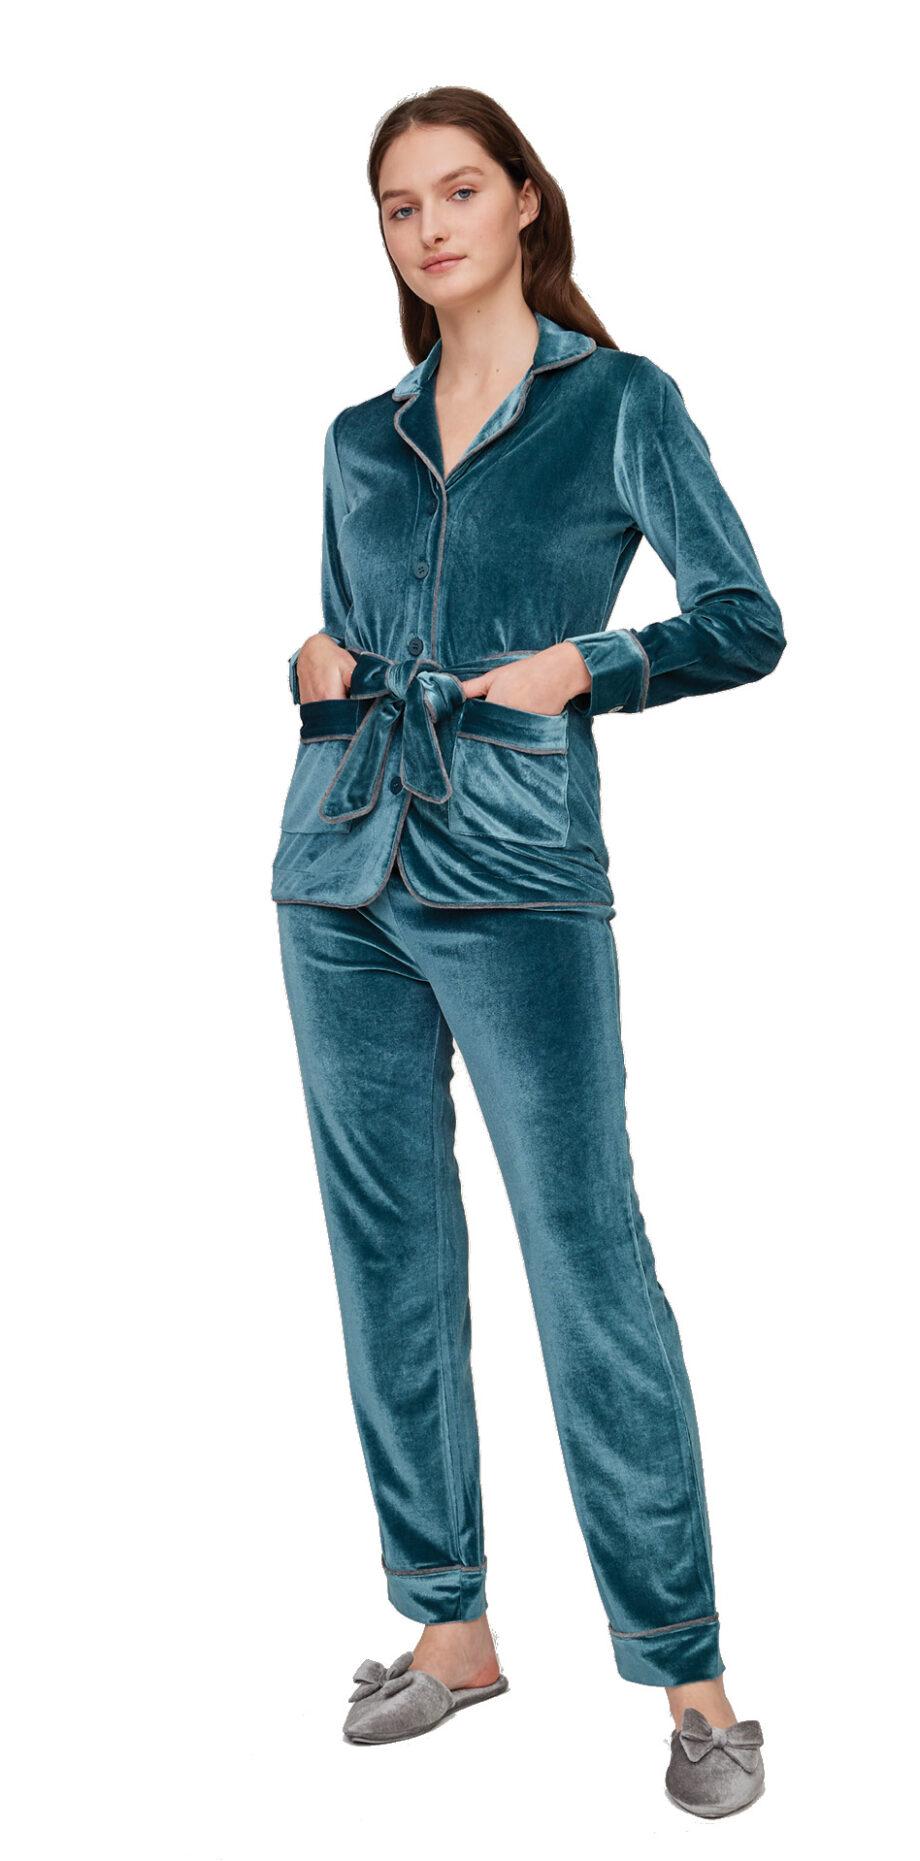 FA6938-woman-noidinotte-pijama.jpg